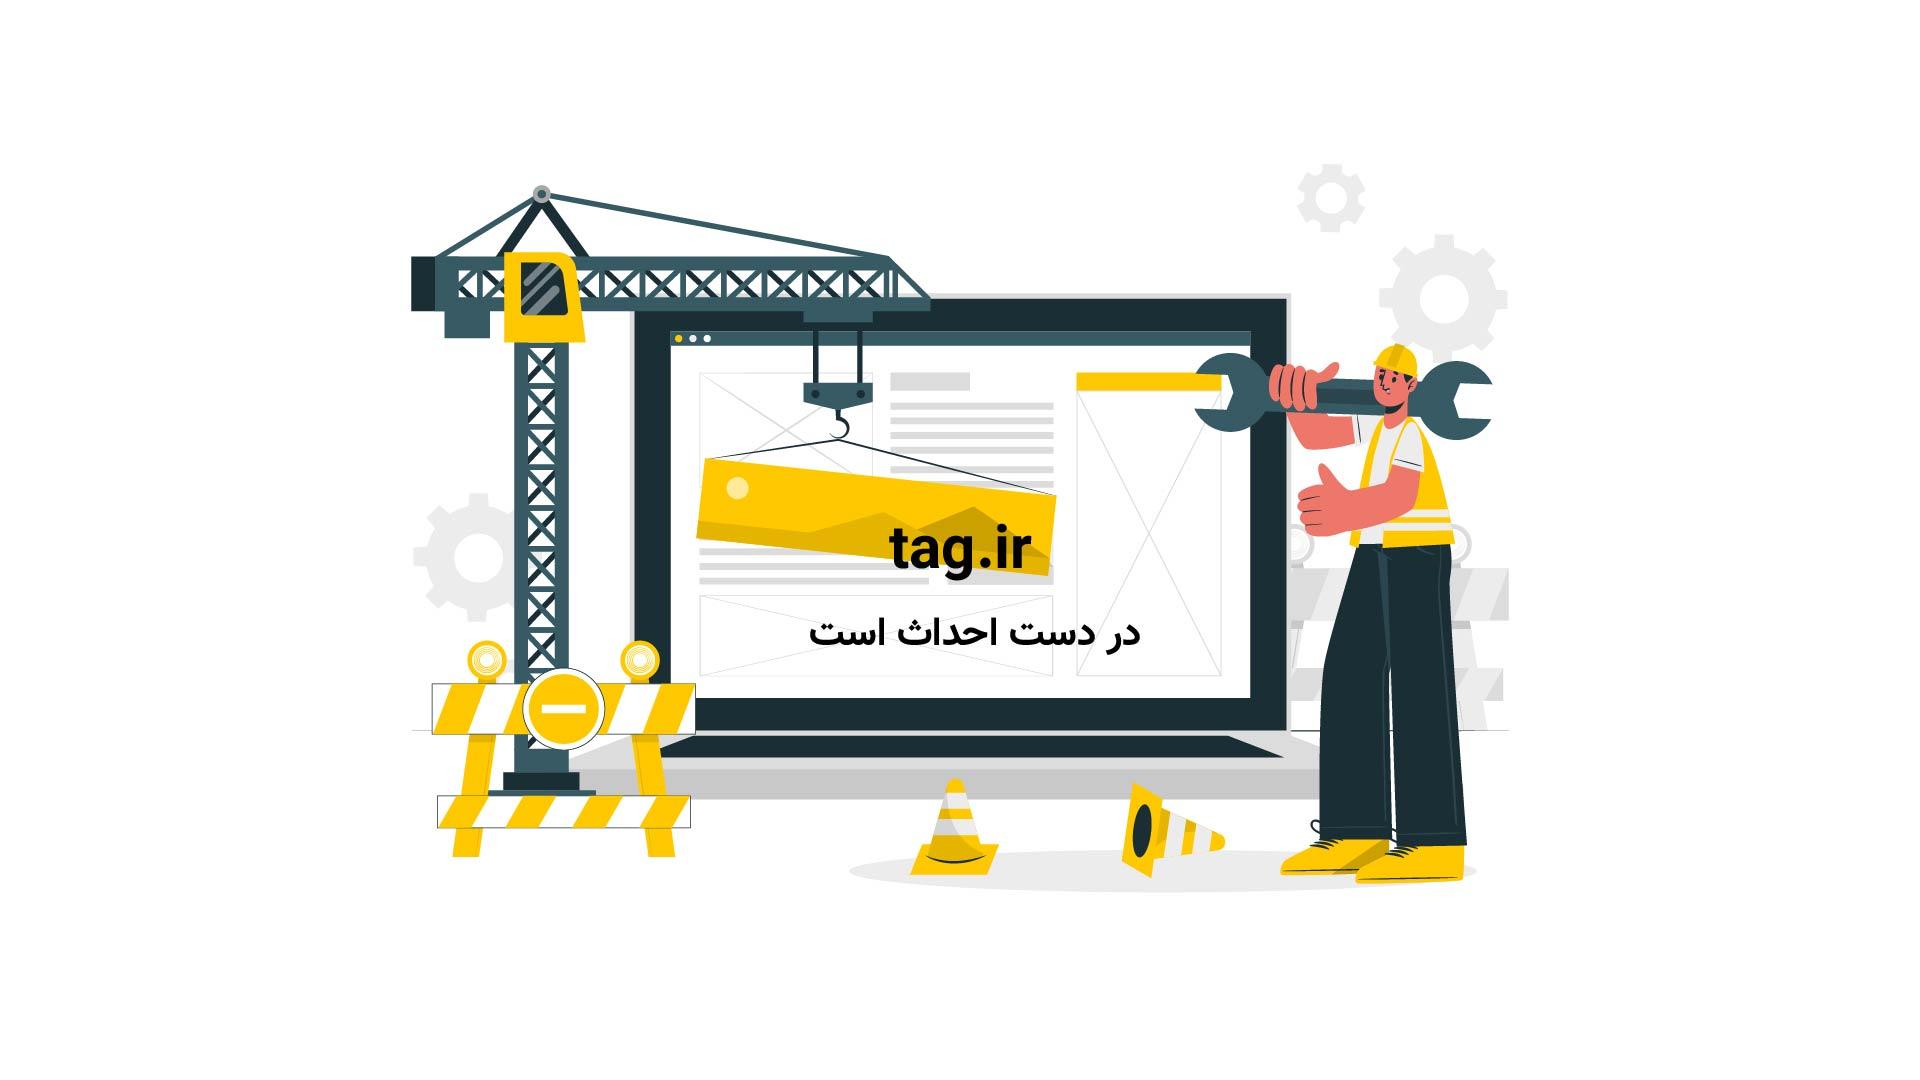 تزیین میوه به شکل گل | تگ